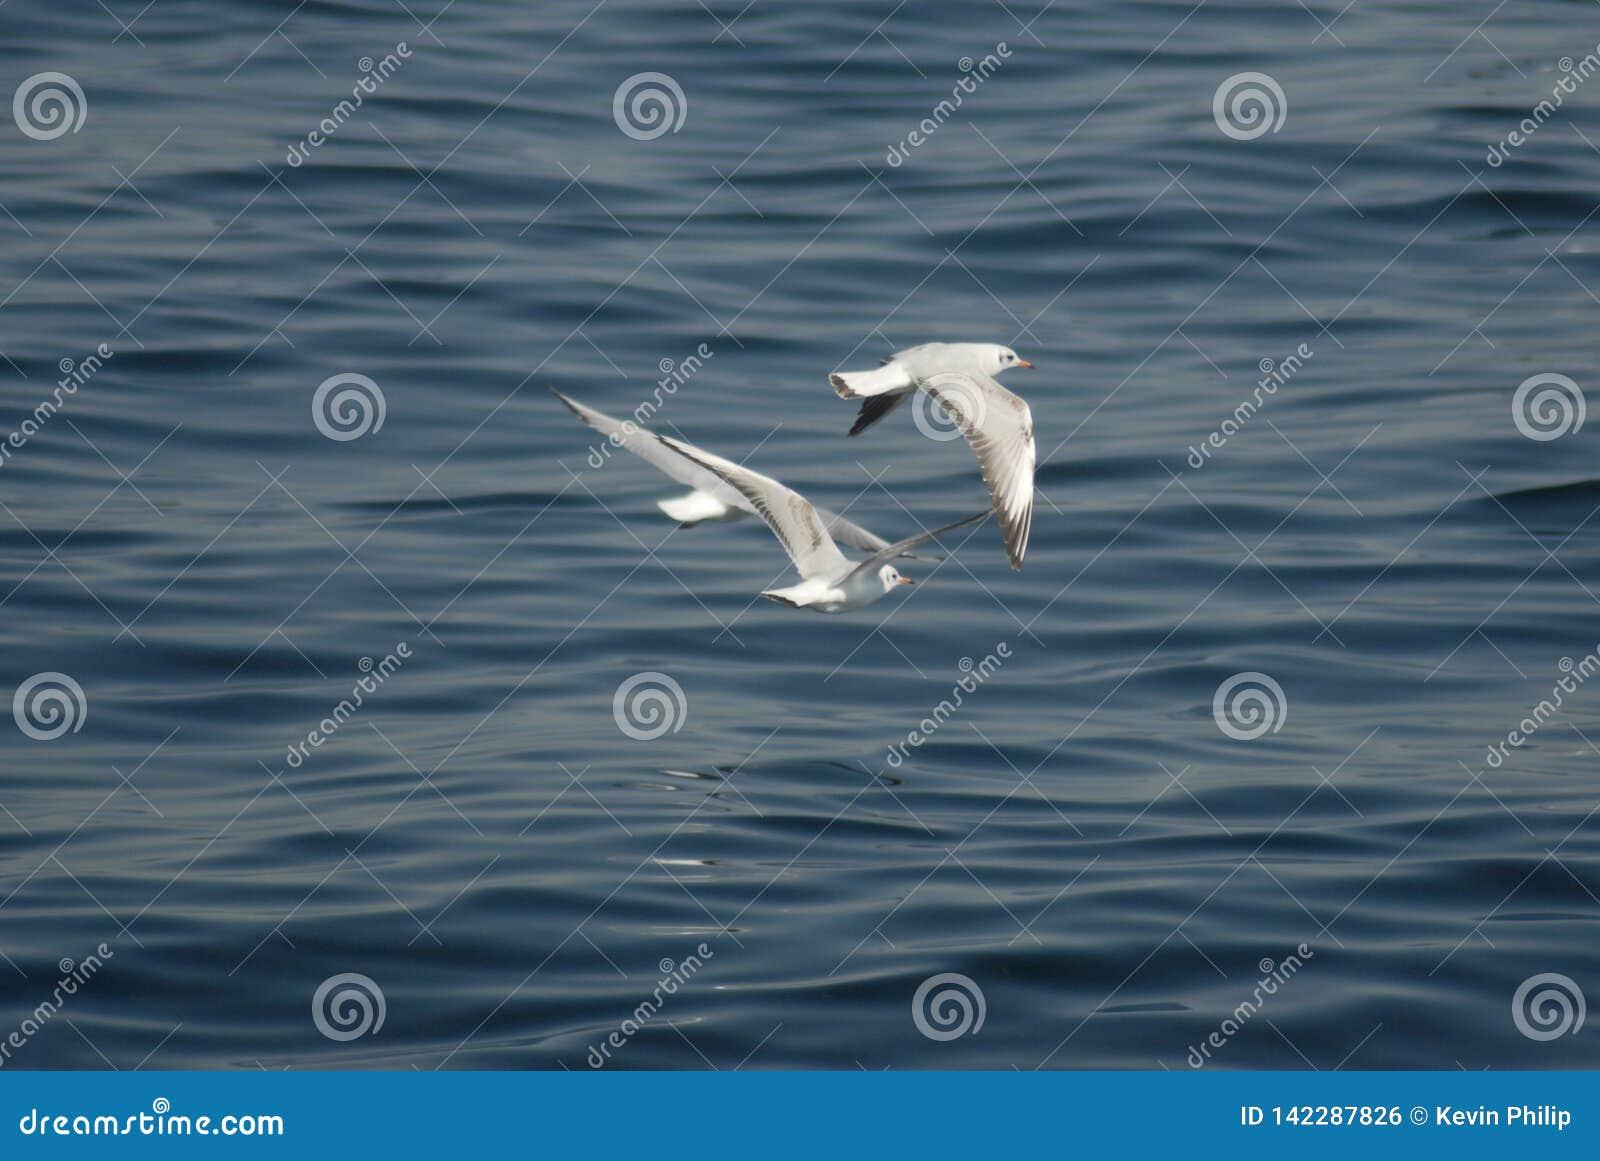 Pássaros que voam acima do oceano